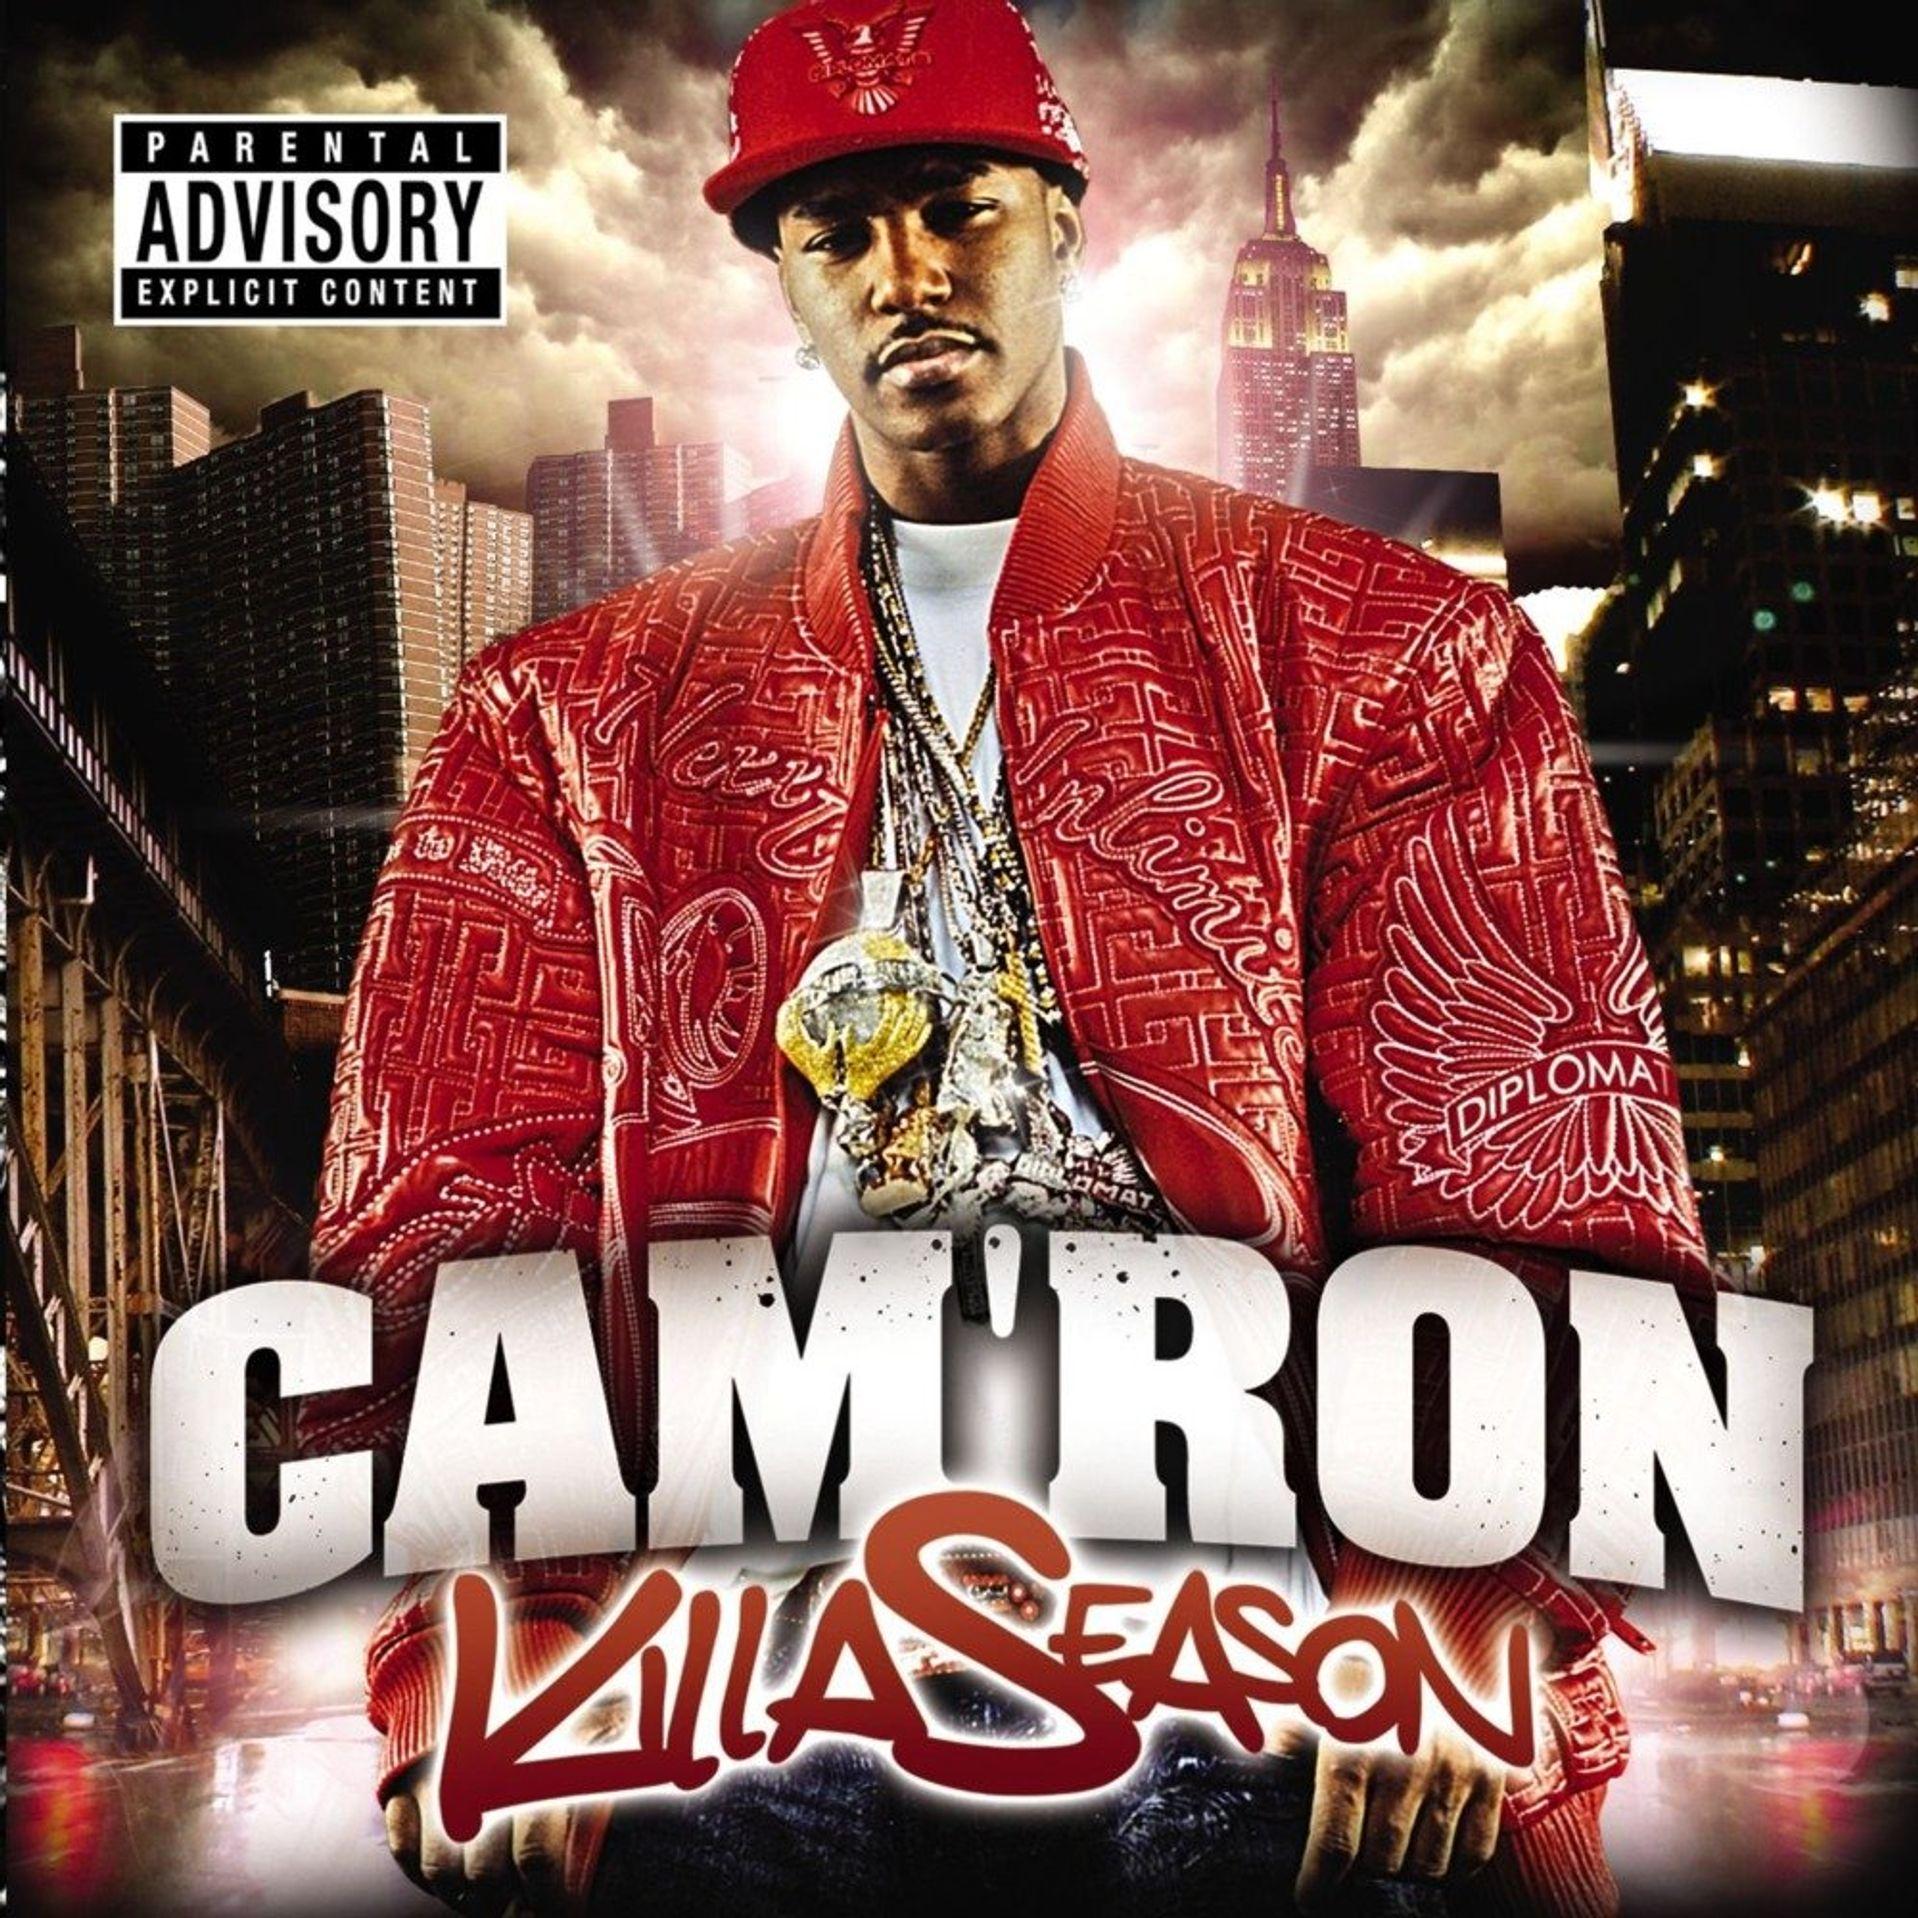 Album Title: Killa Season by: Cam